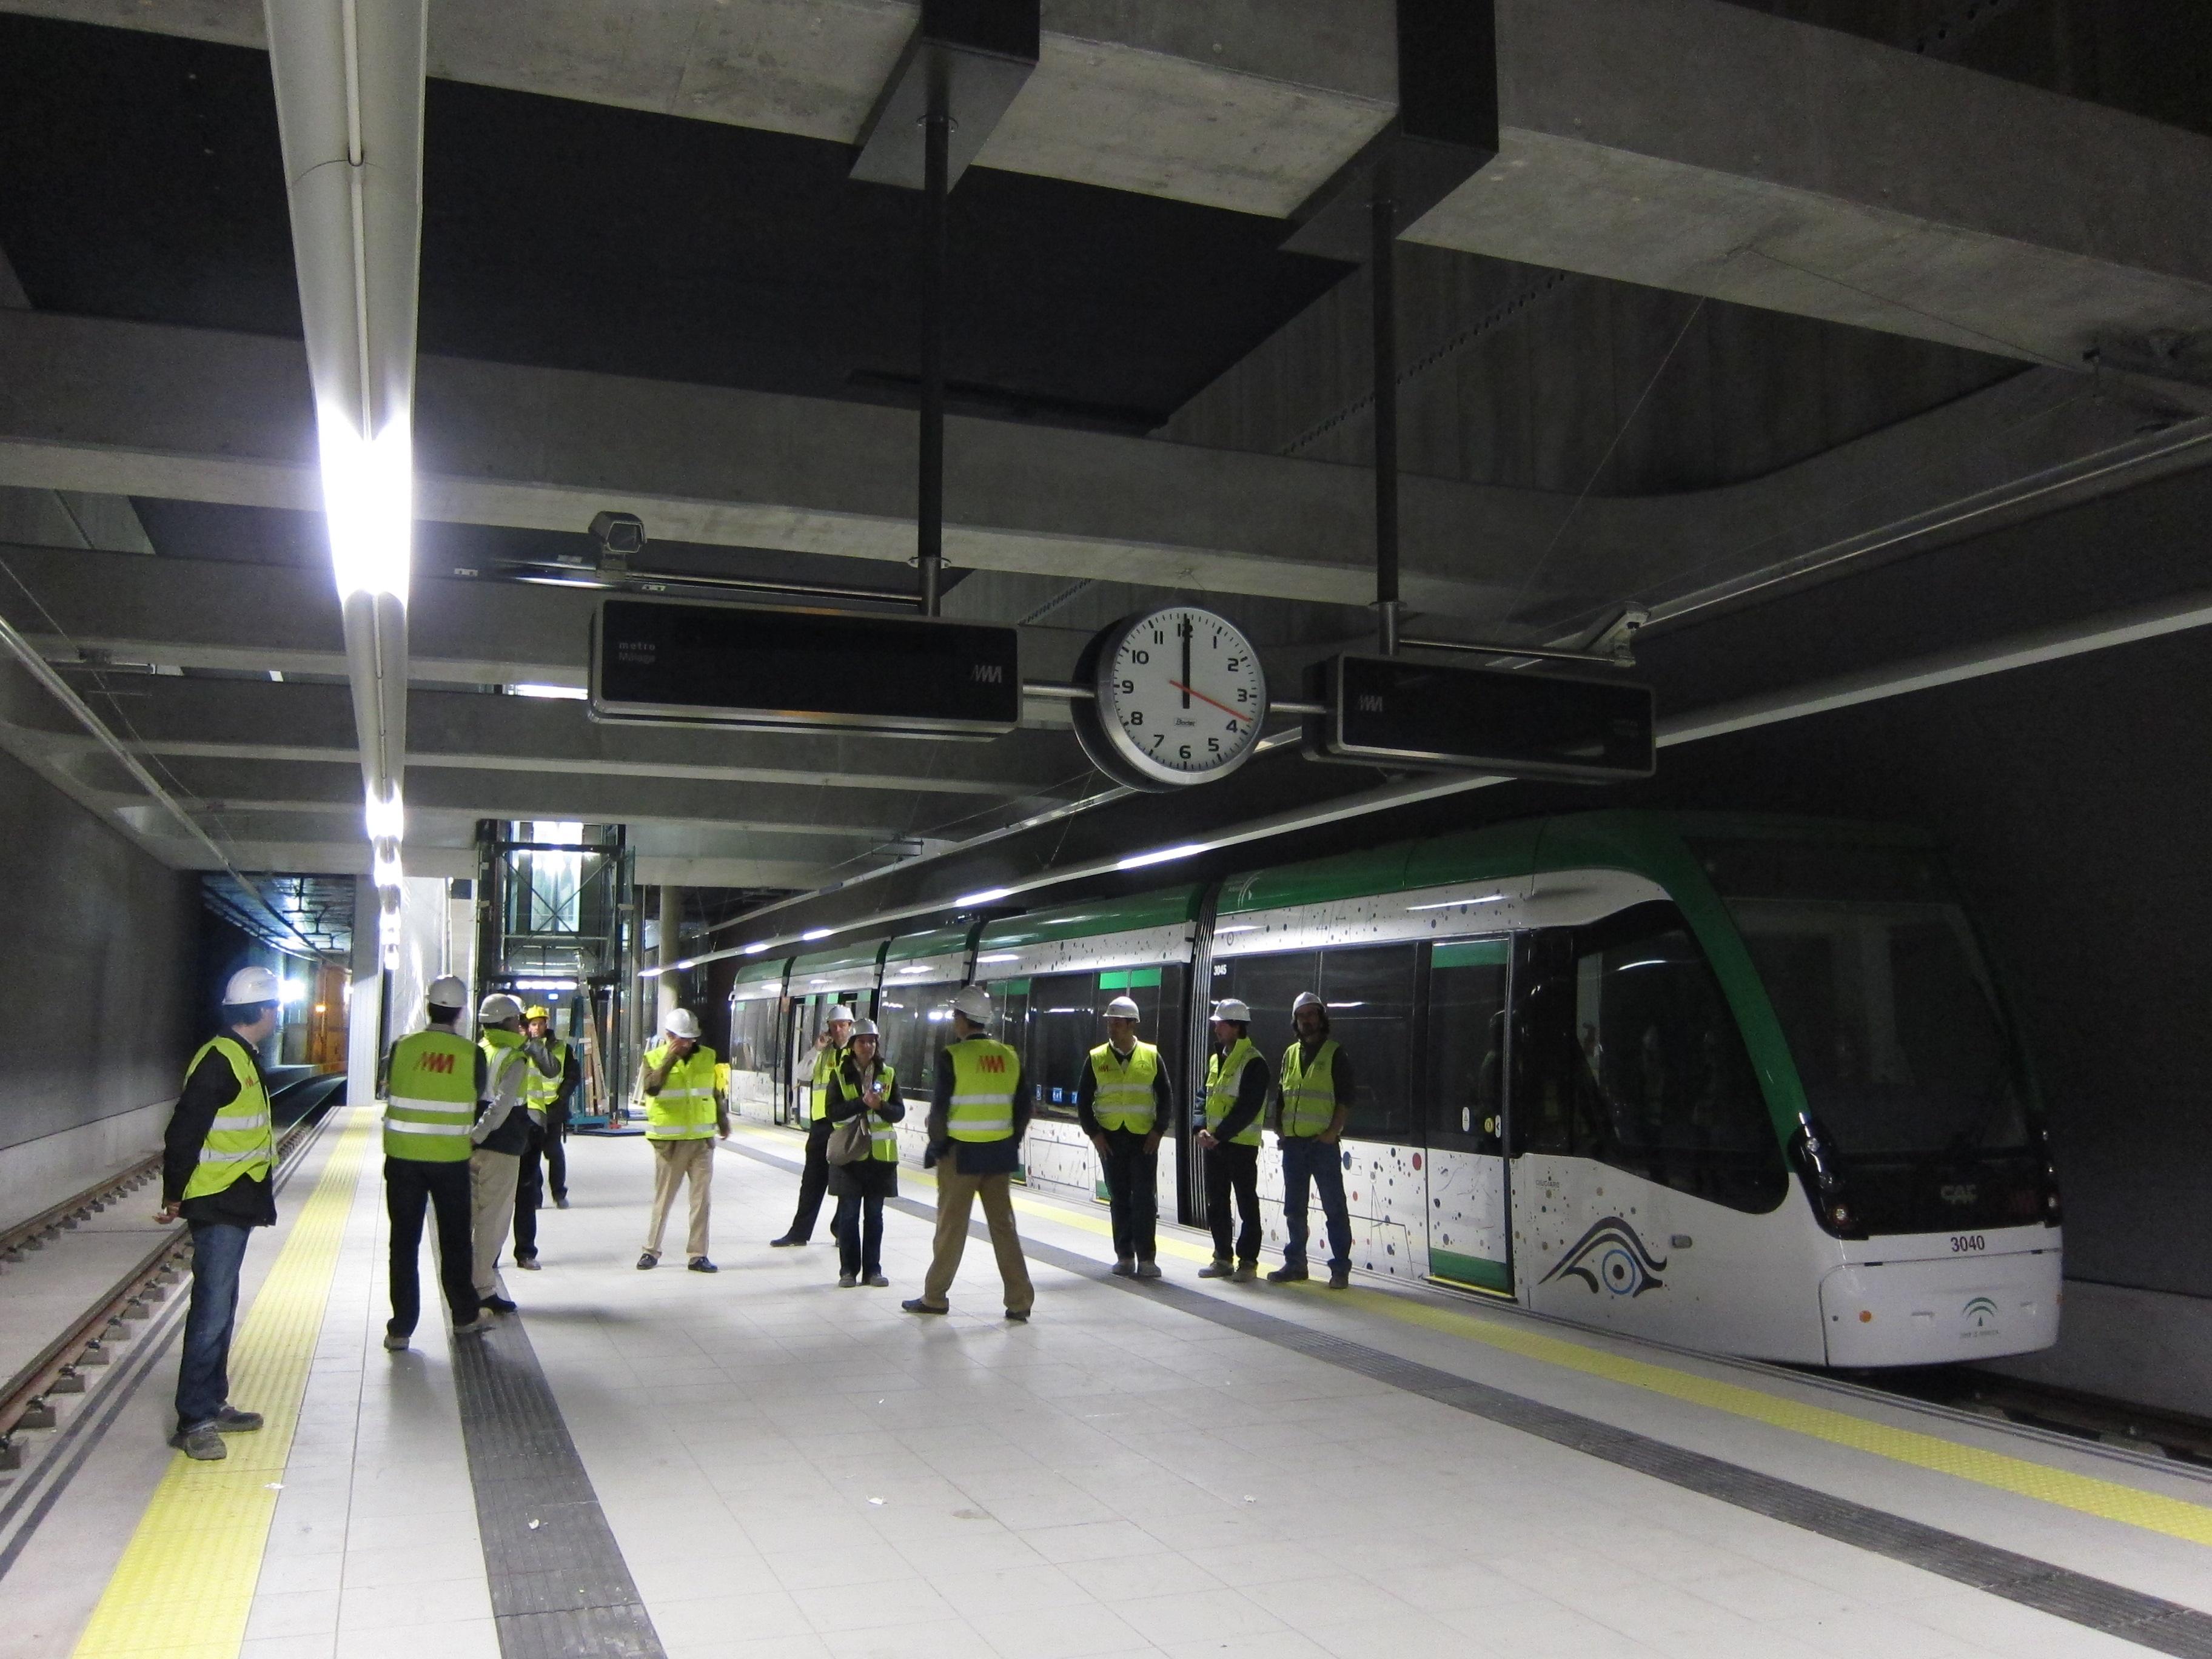 Imagen de la Estación El Torcal de la Línea 2 del Metro de Málaga